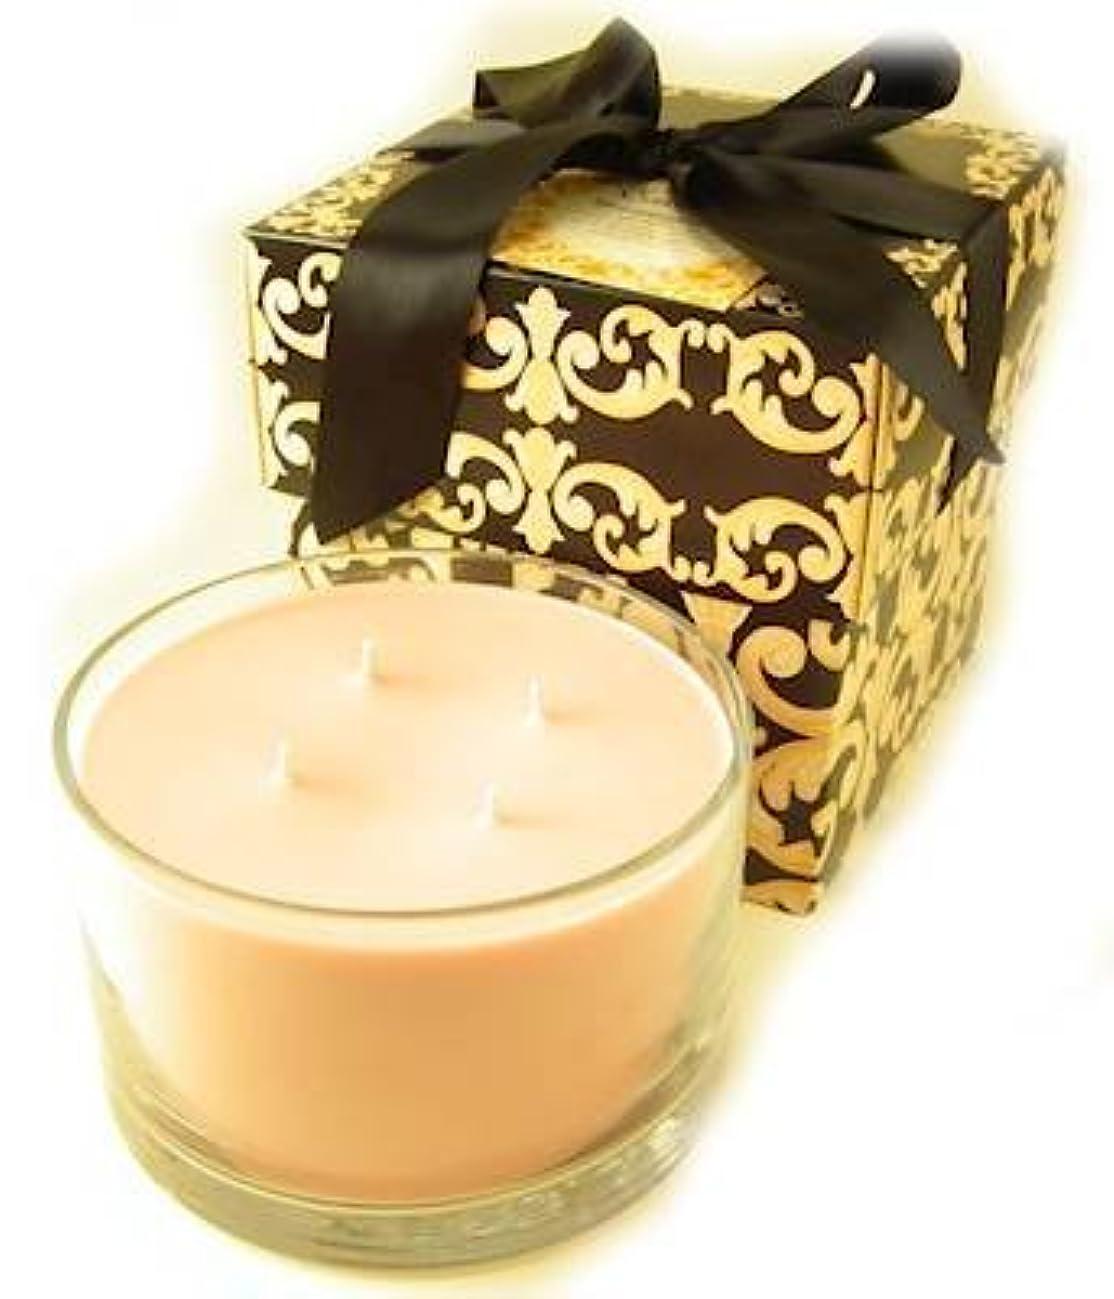 獣バレーボール健全BLESS YOUR HEART - EXCLUSIVE TYLER 1180ml 4-Wick Scented Jar Candle